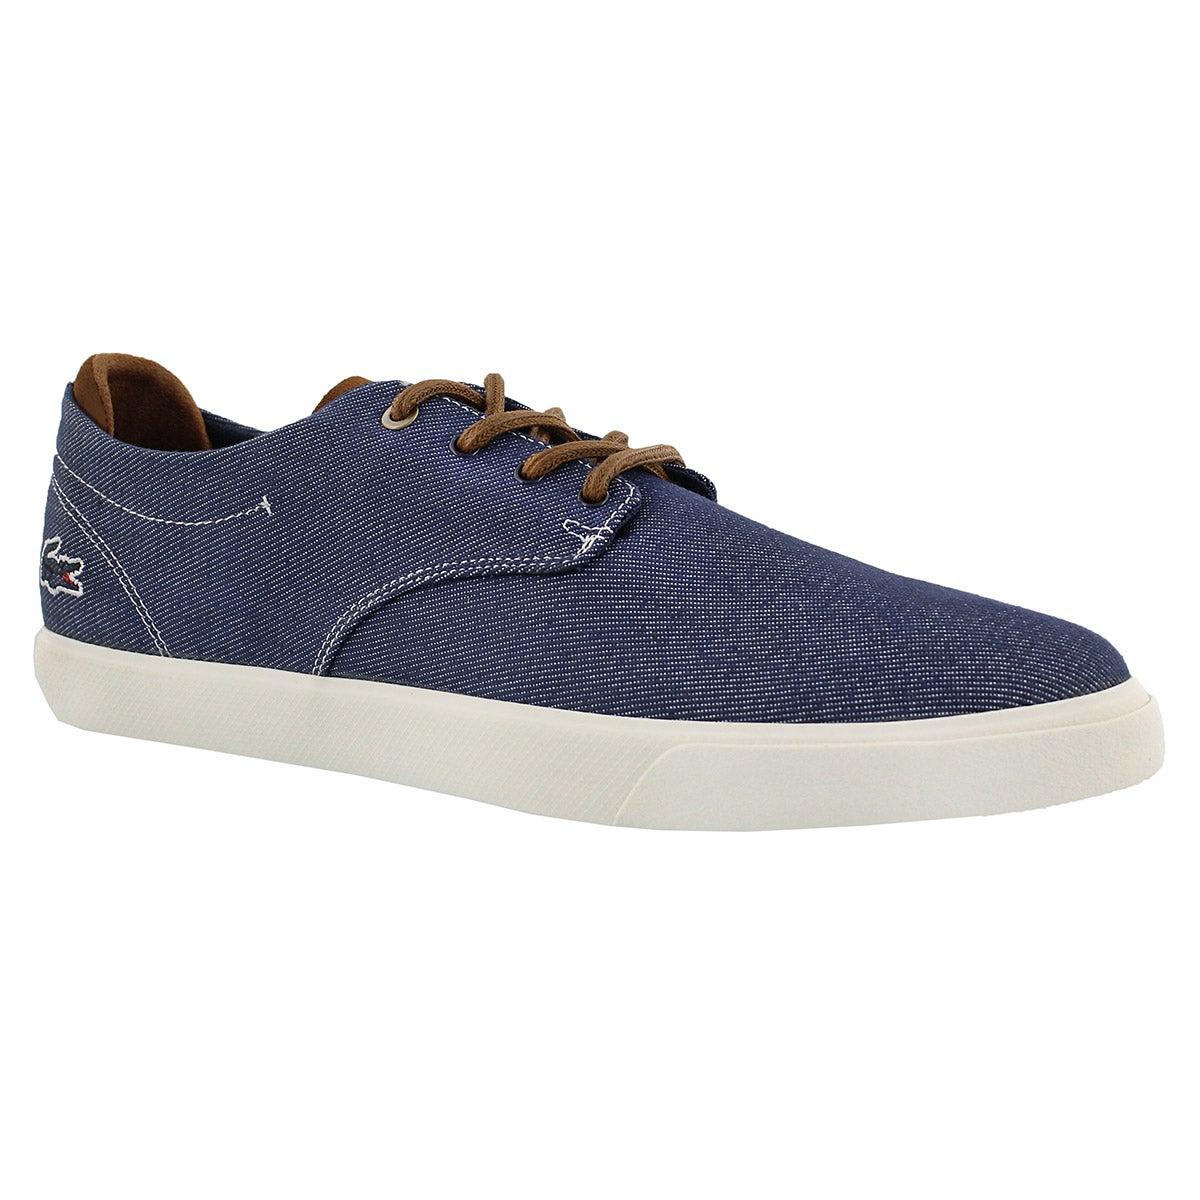 Men's ESPERE 317 navy/dark brown lace up sneakers